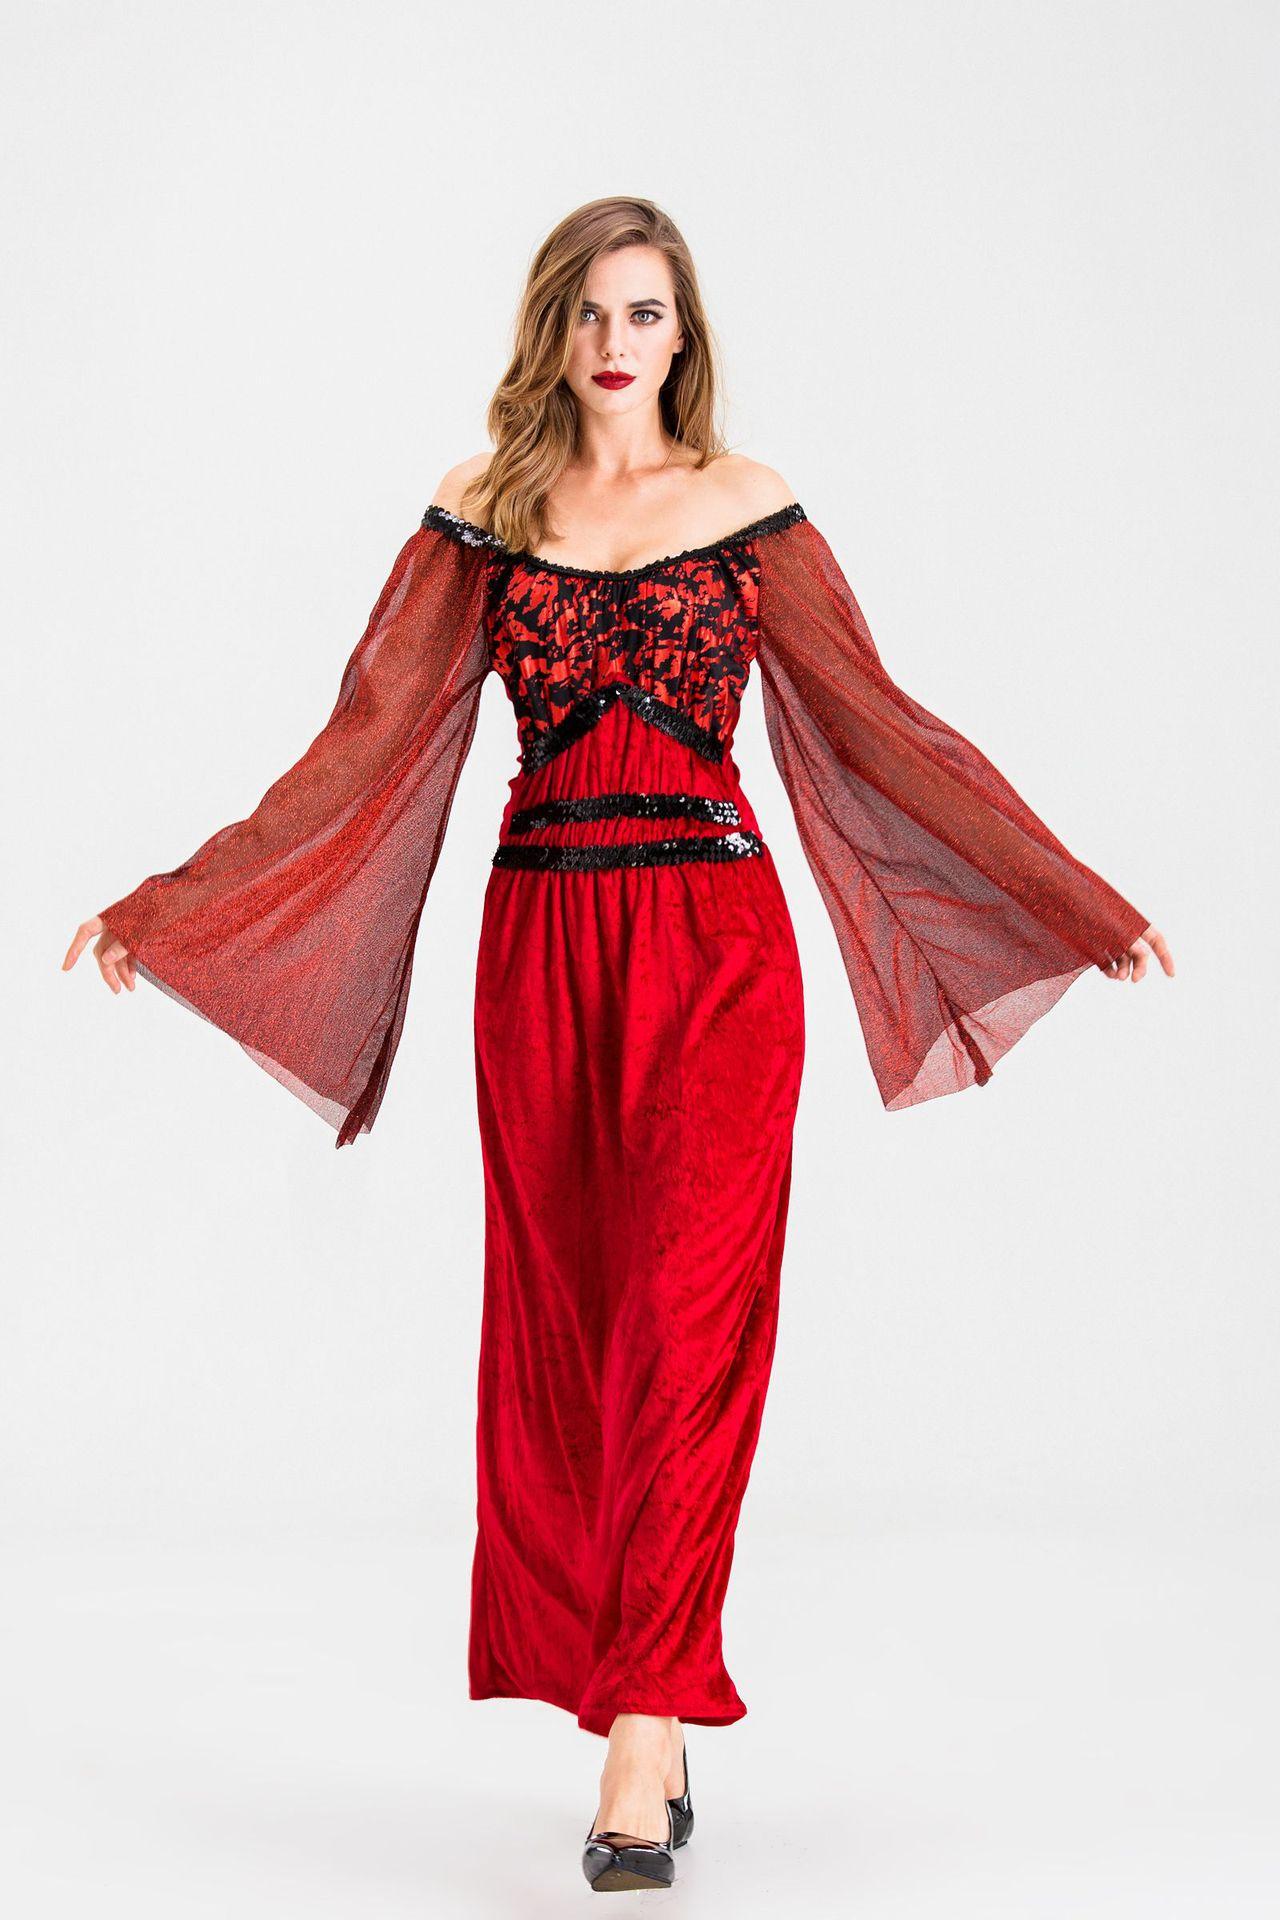 女恶魔一字肩长裙王服装万圣节服装成人吸血鬼伯爵角色扮演服红色